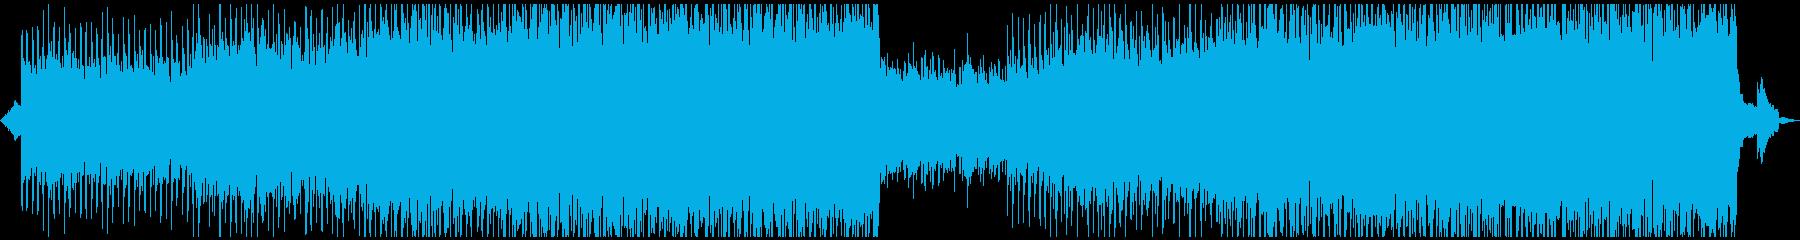 コーポレート ほのぼの 幸せ シン...の再生済みの波形